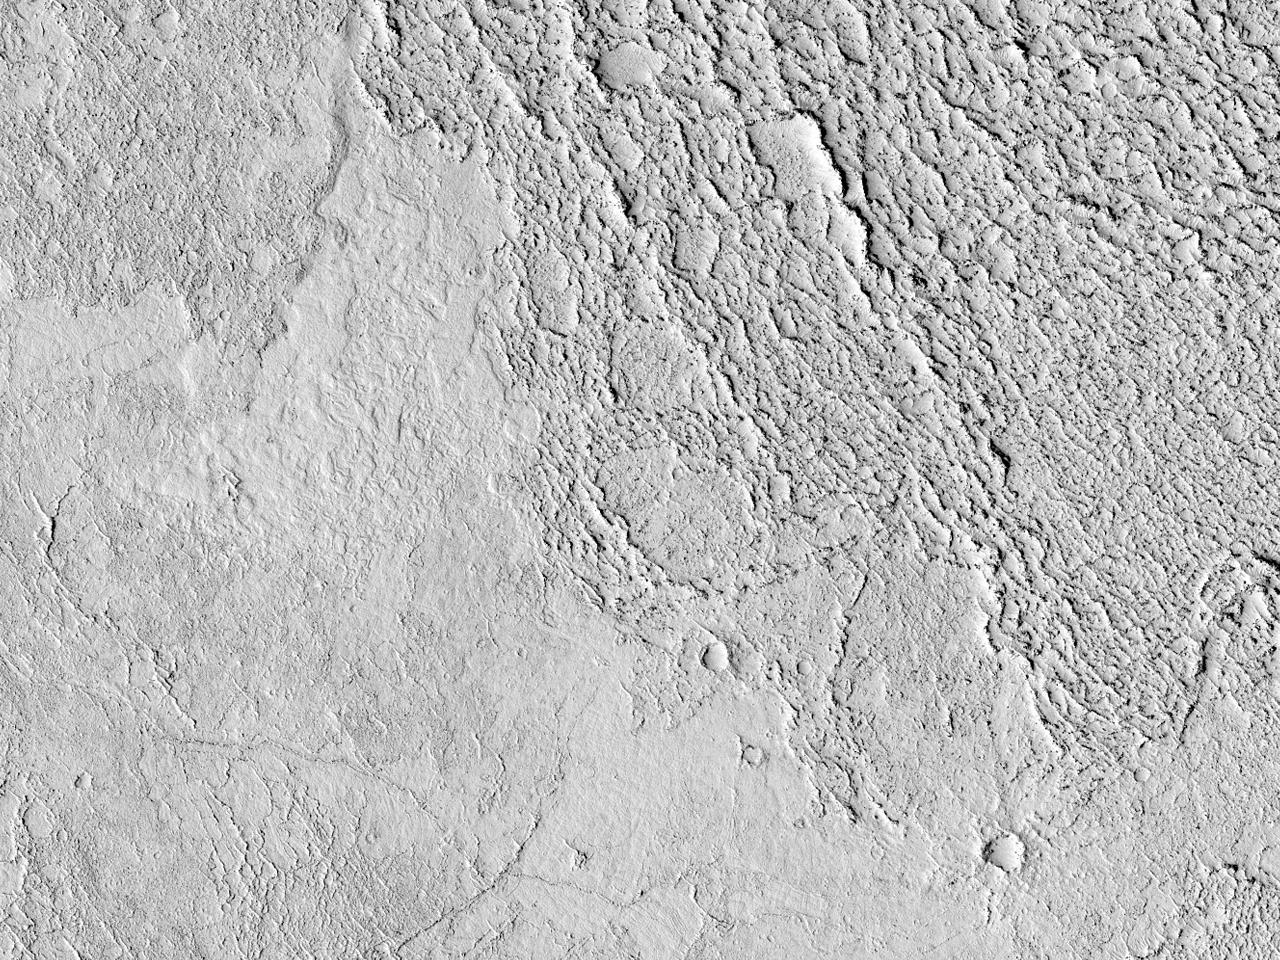 Lavastrømmer i Elysium Planitia